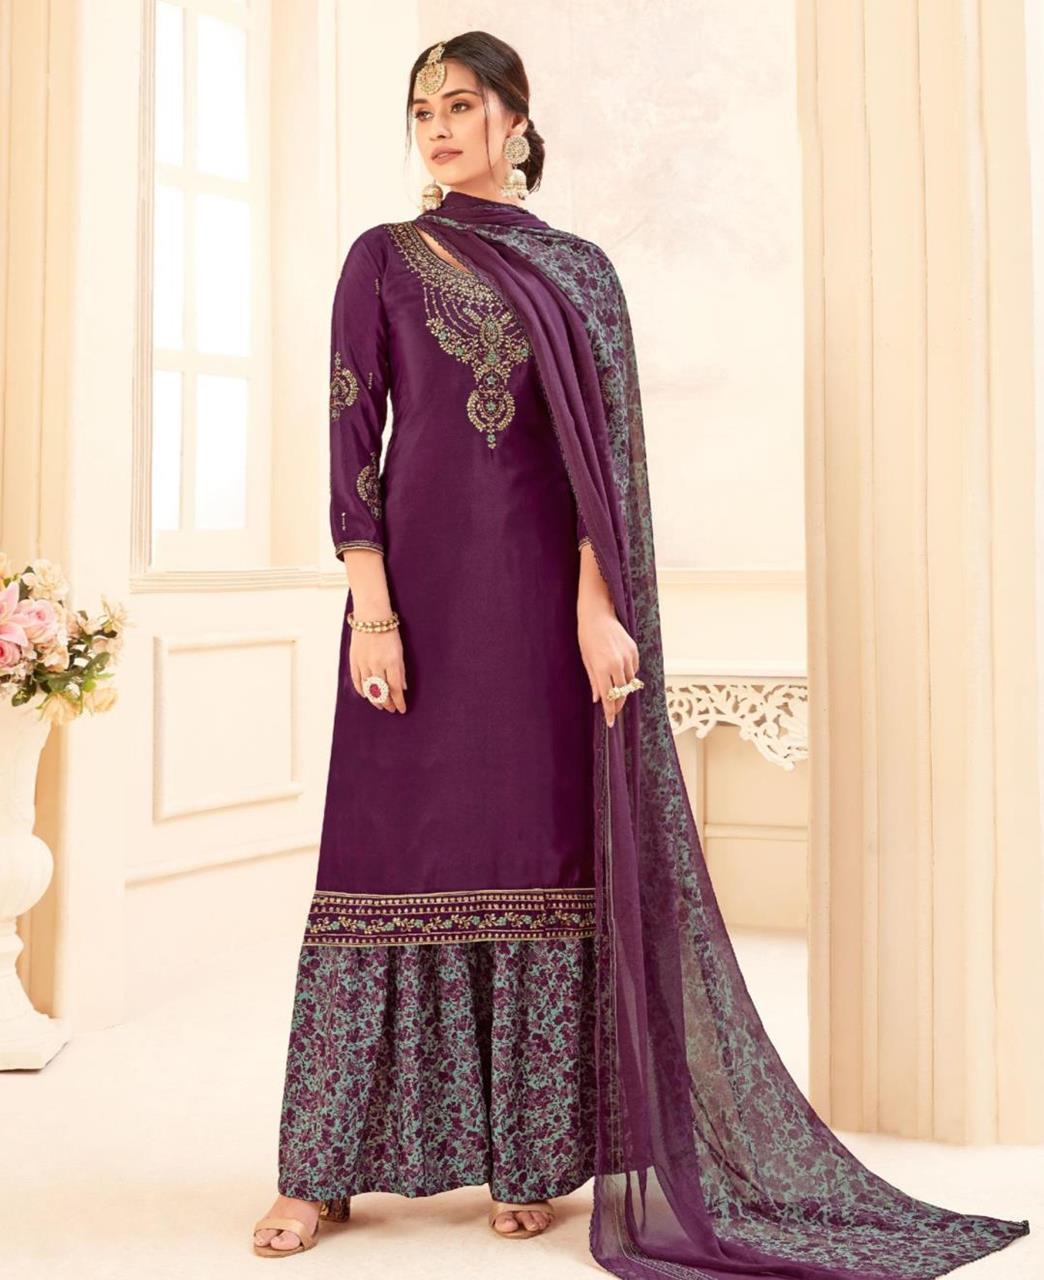 Printed Georgette Straight cut Salwar Kameez in Purple